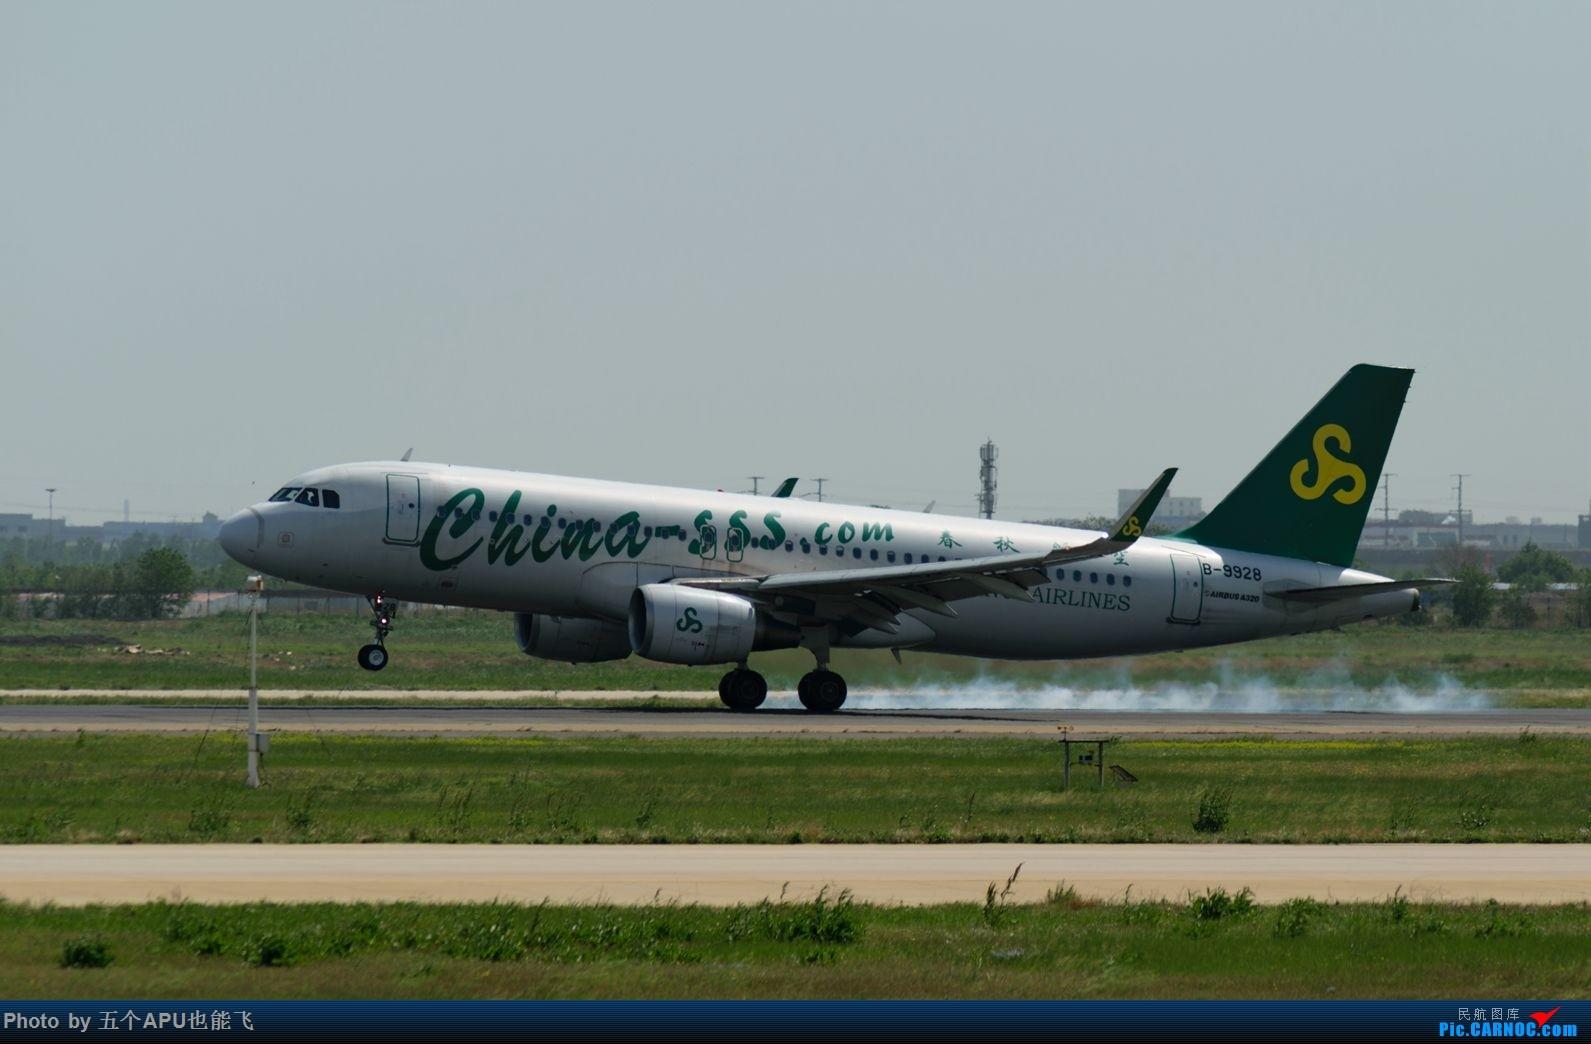 Re:[原创]TSN日常 AIRBUS A320-200 B-9928 中国天津滨海国际机场